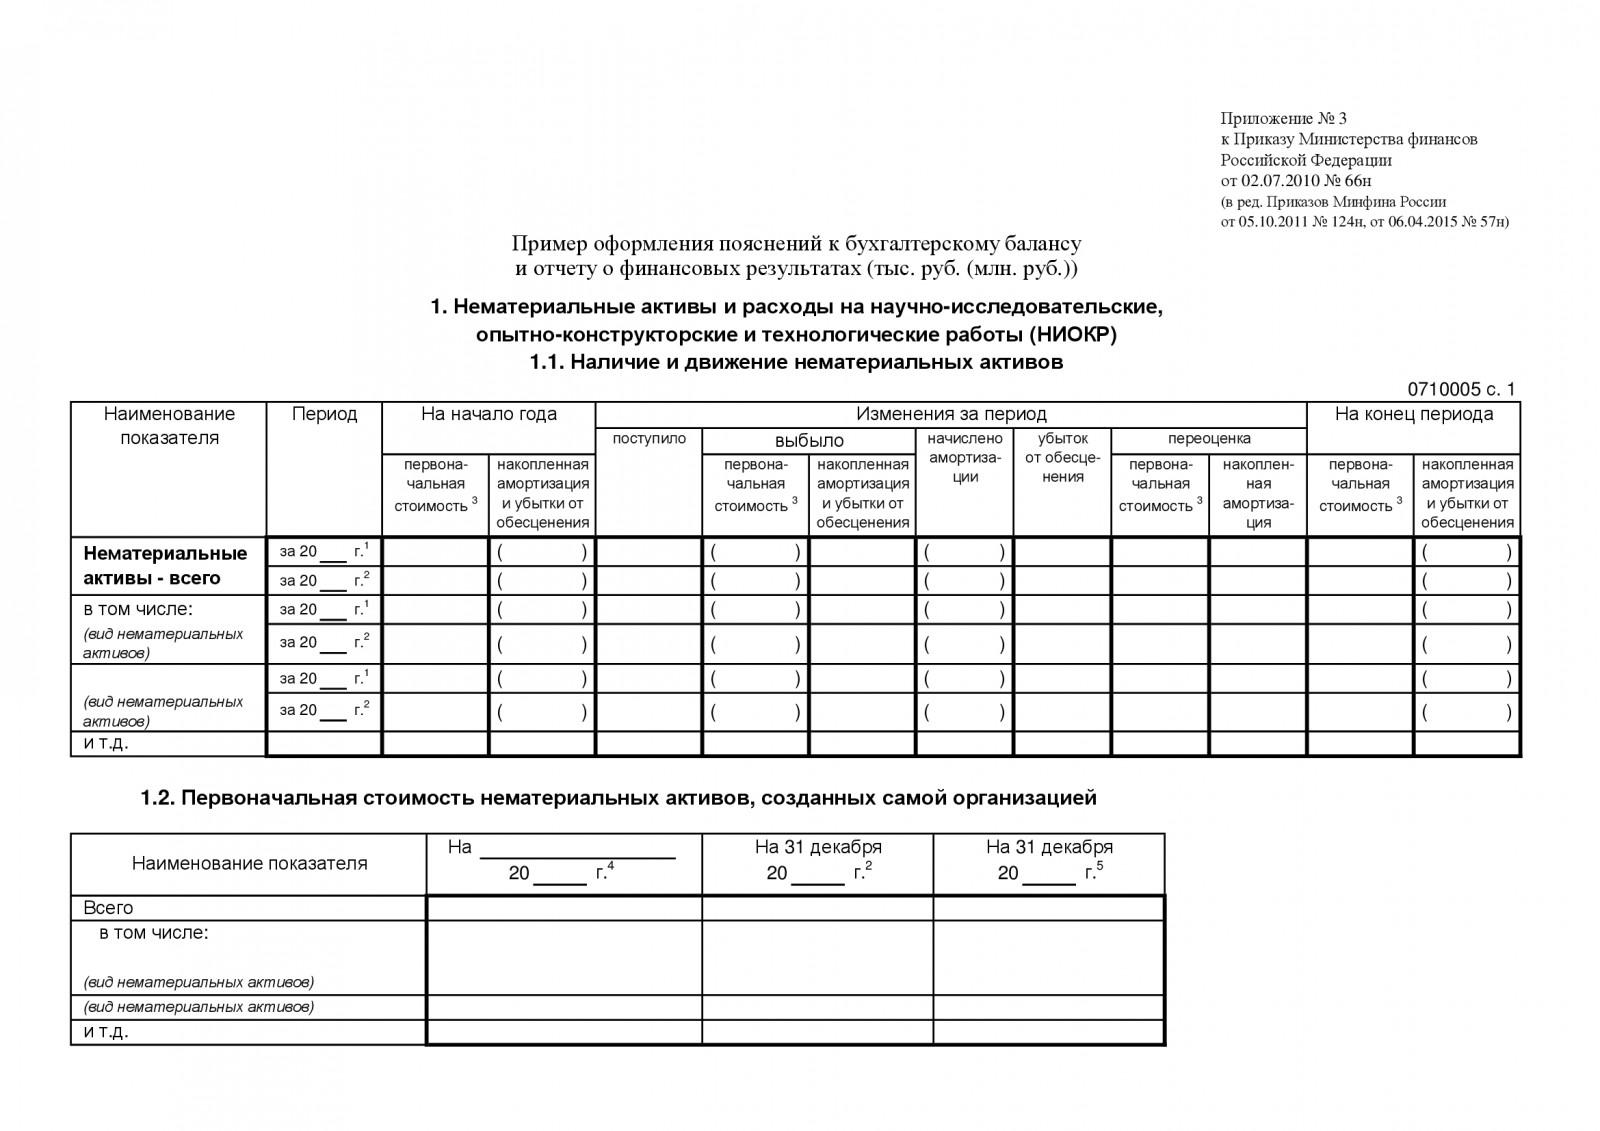 Заполнить форму бухгалтерской отчетности ф.5 образец